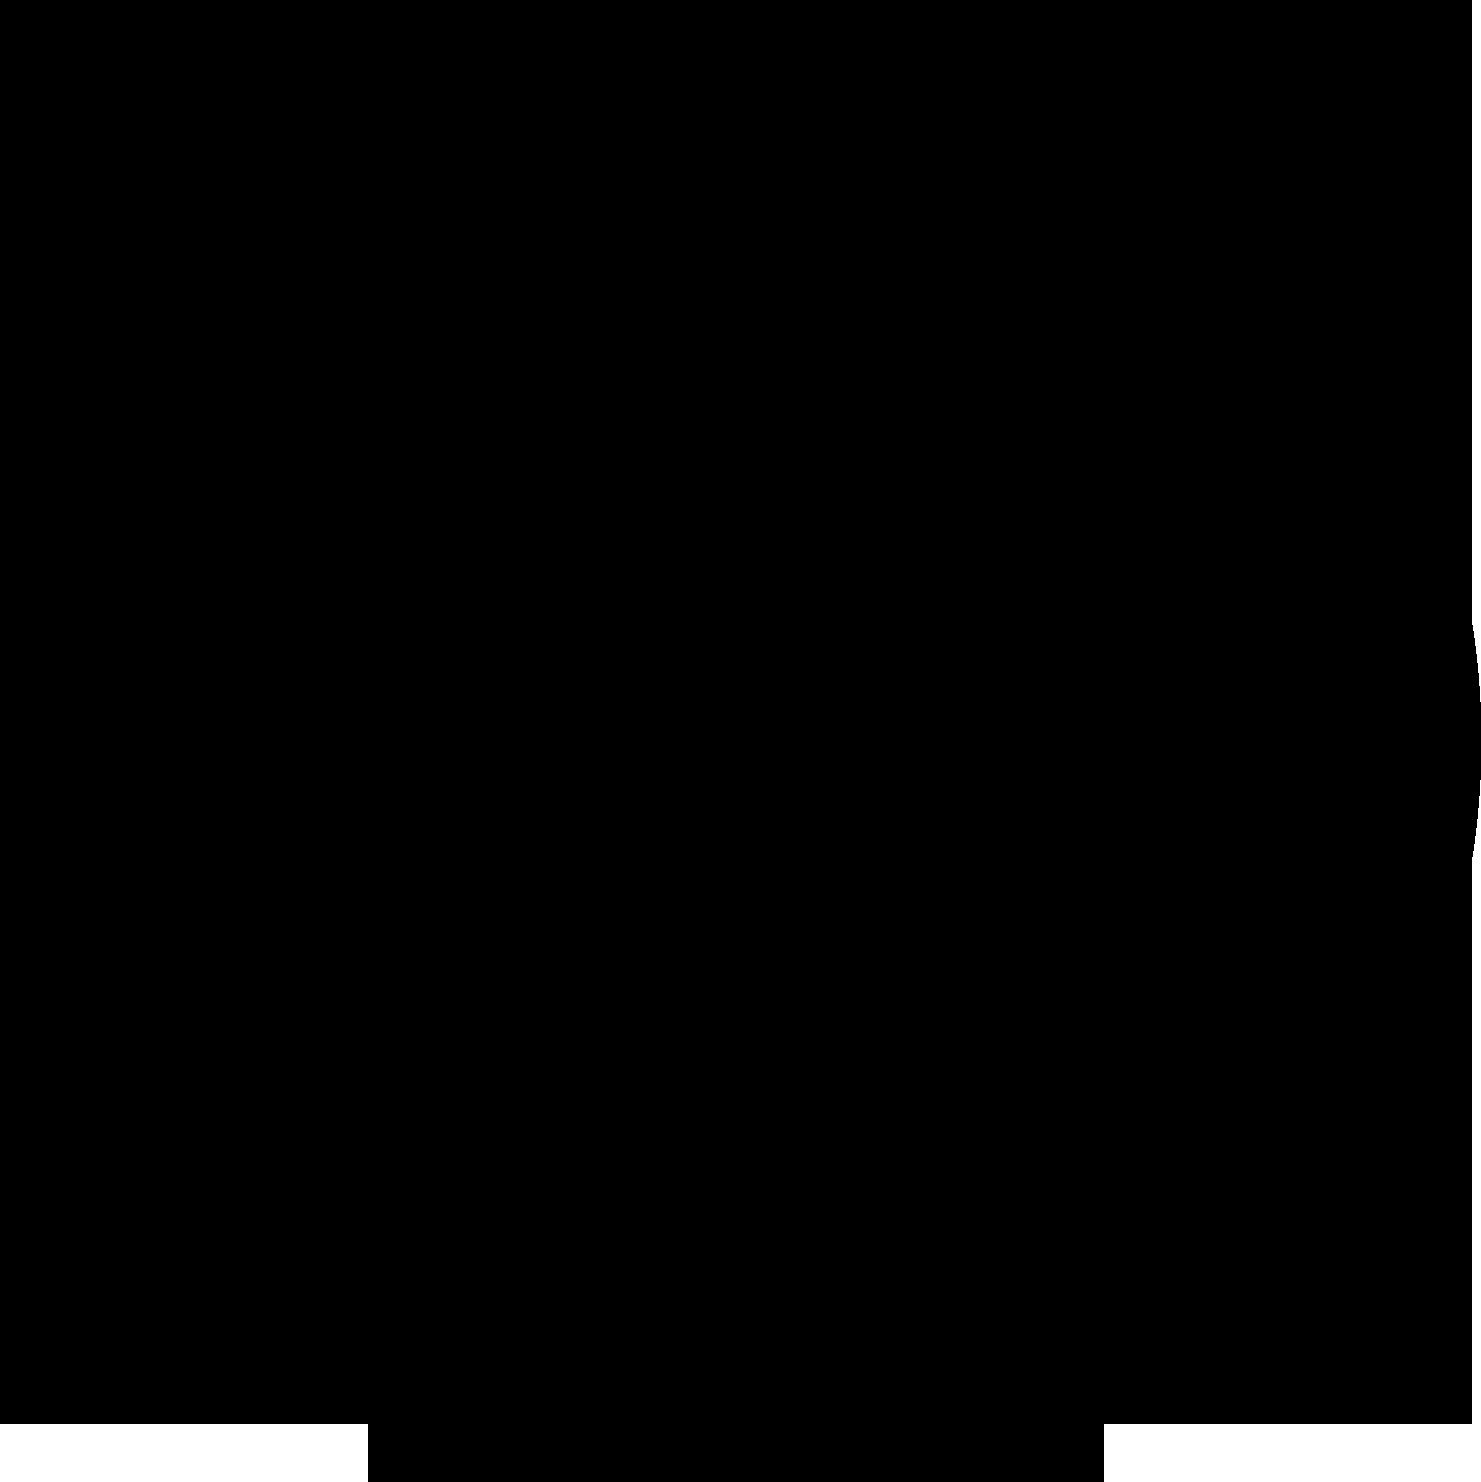 round_logo_2.png